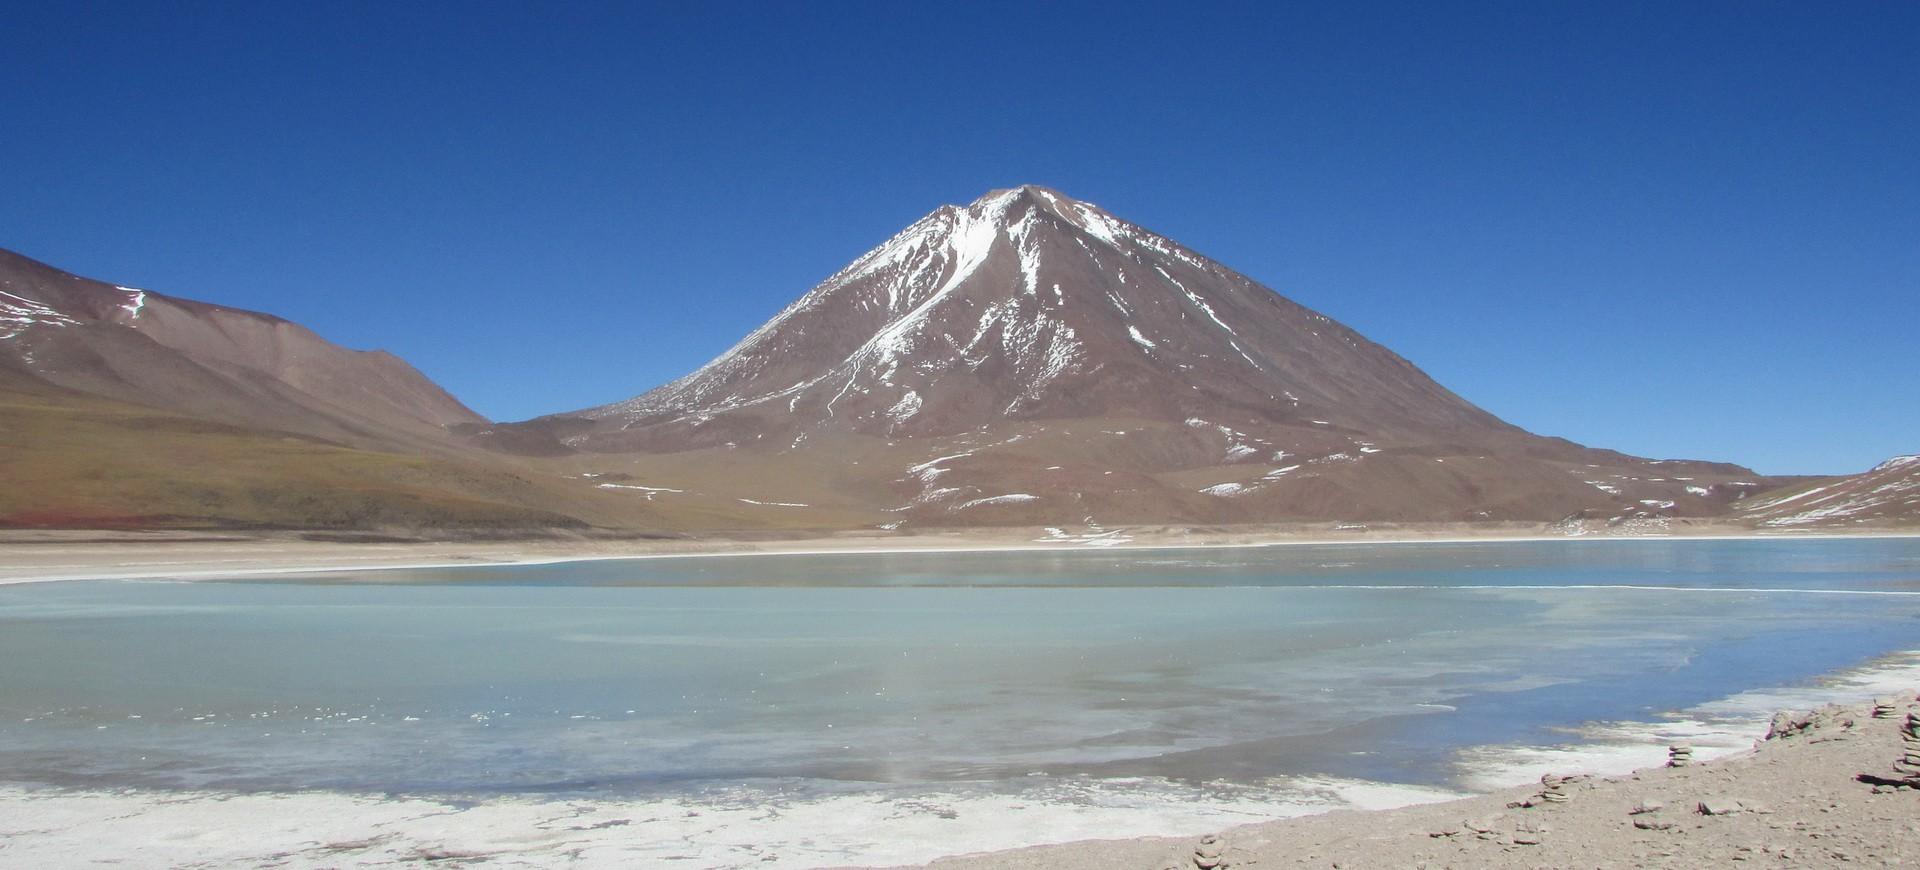 Le lac Laguna Verde au pied du Volcan Llicancabur